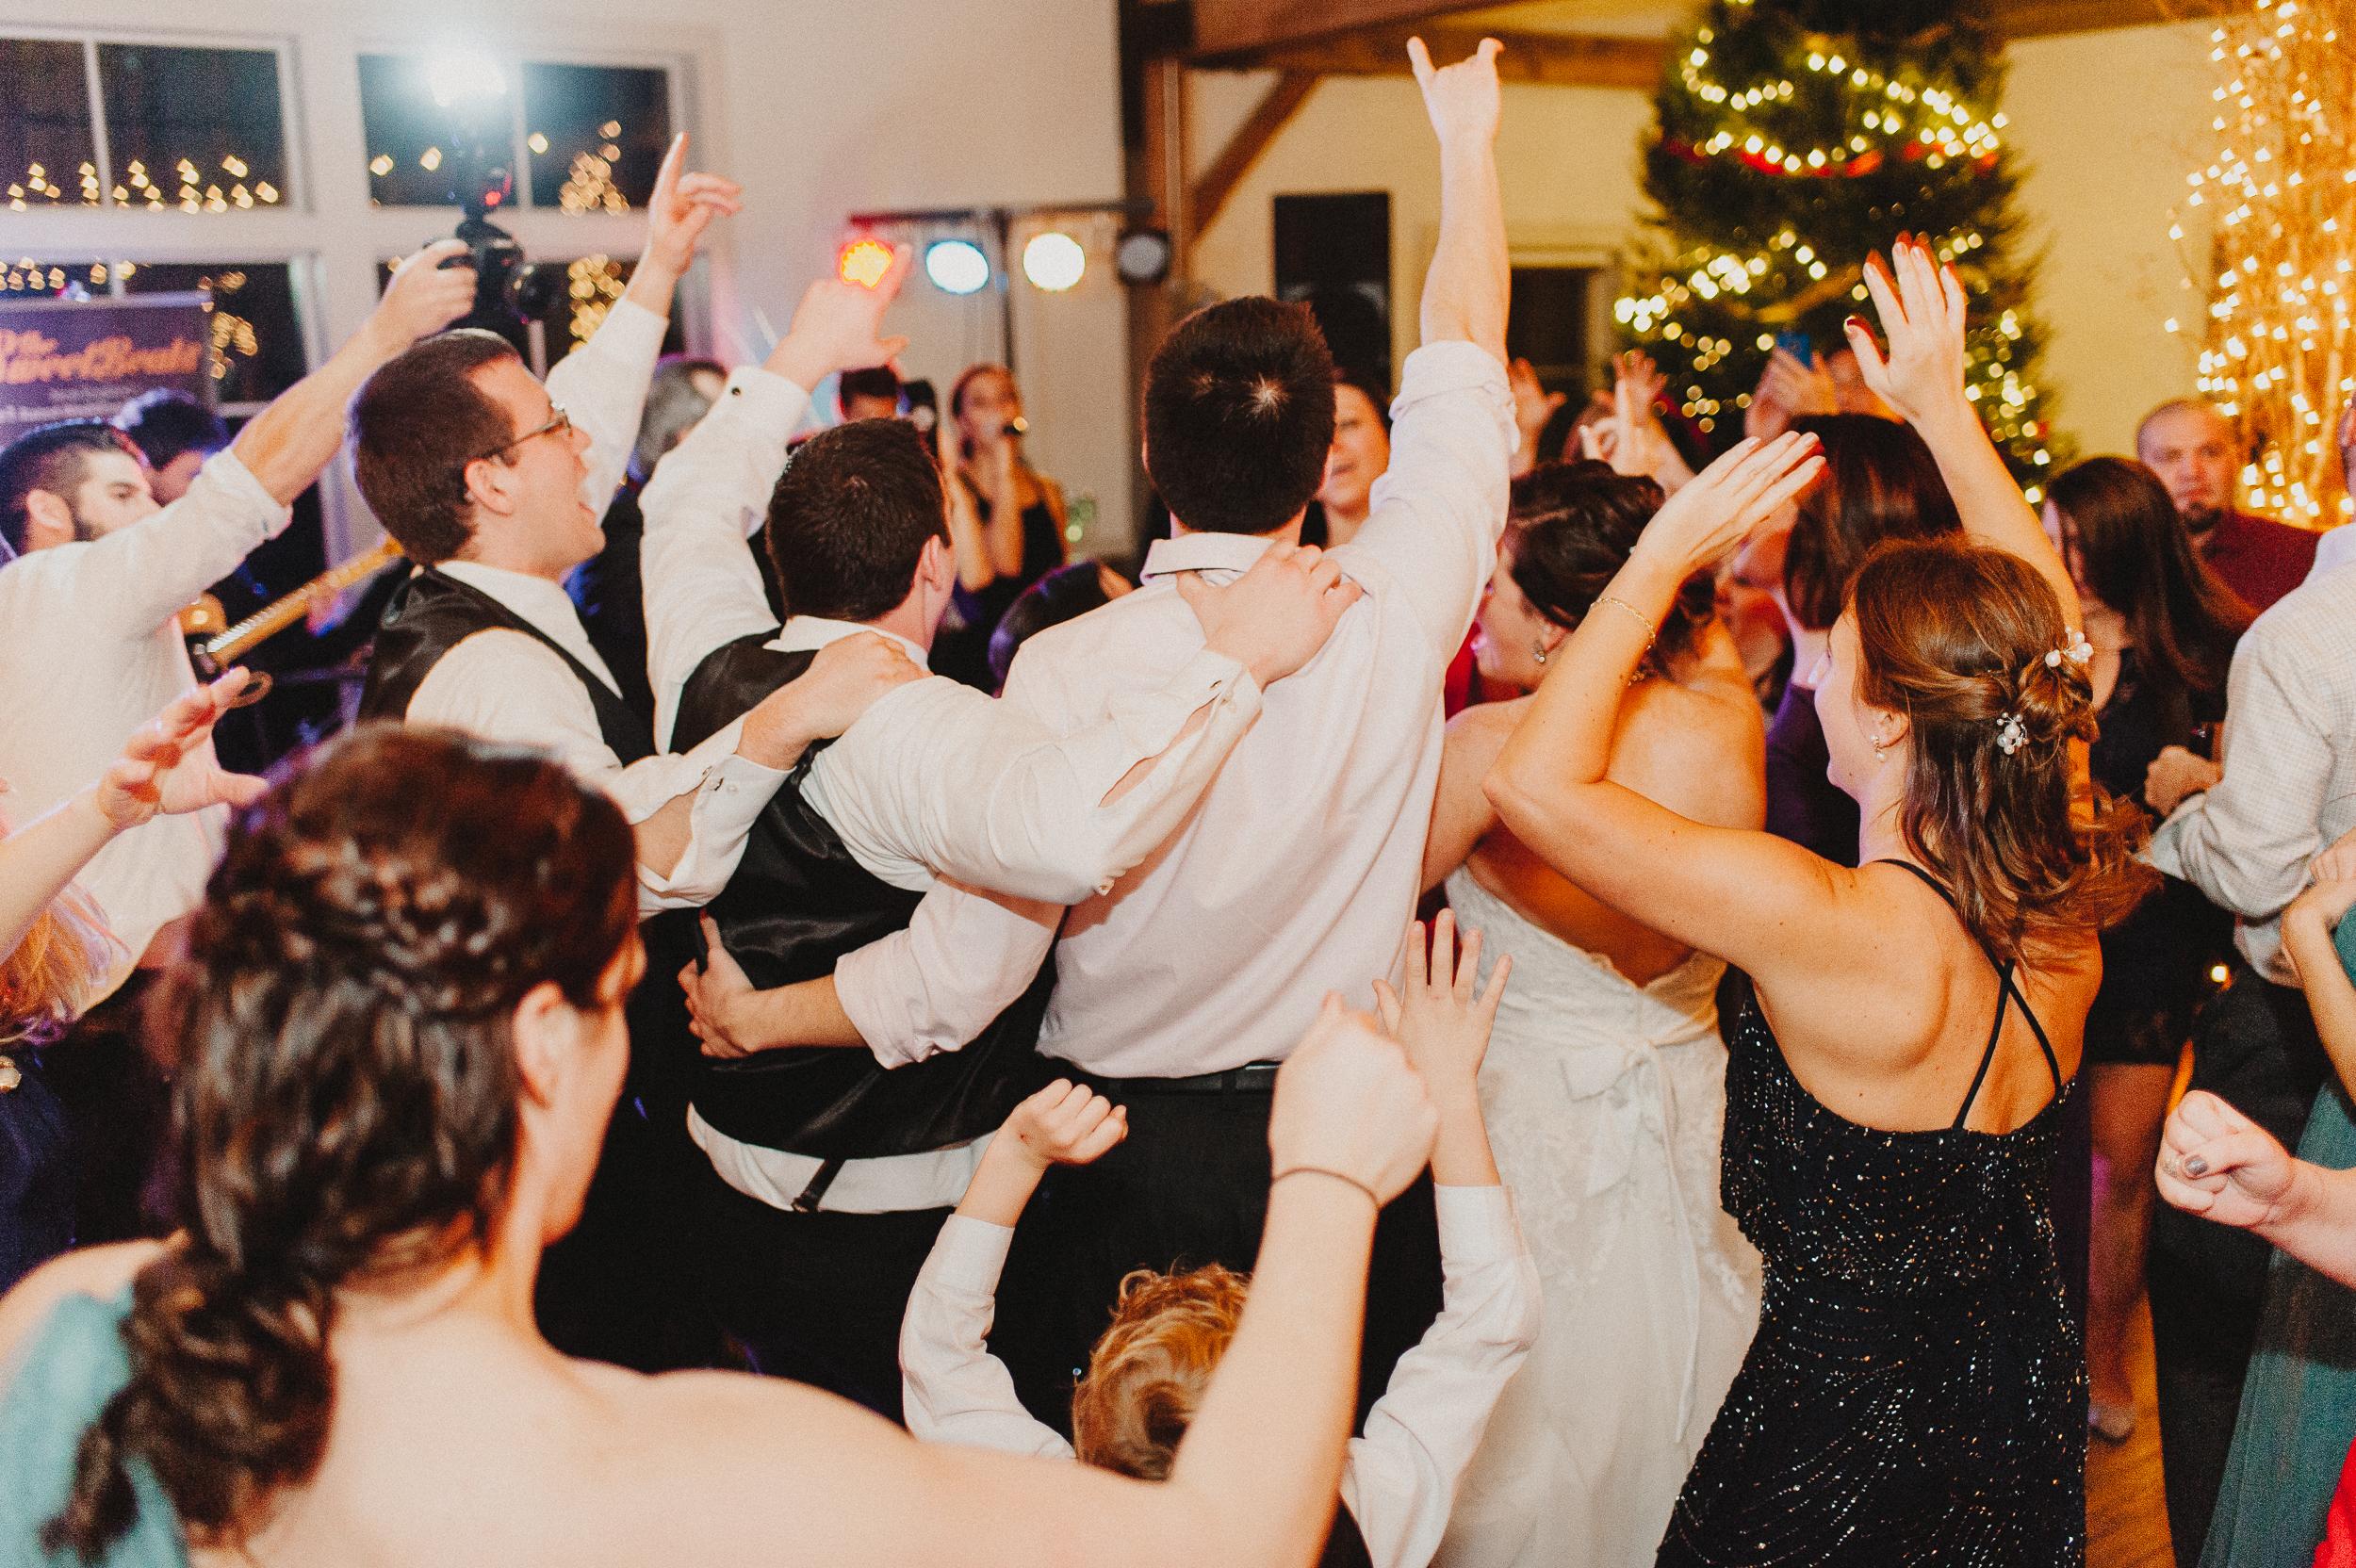 vermont-destination-wedding-photographer-76.jpg